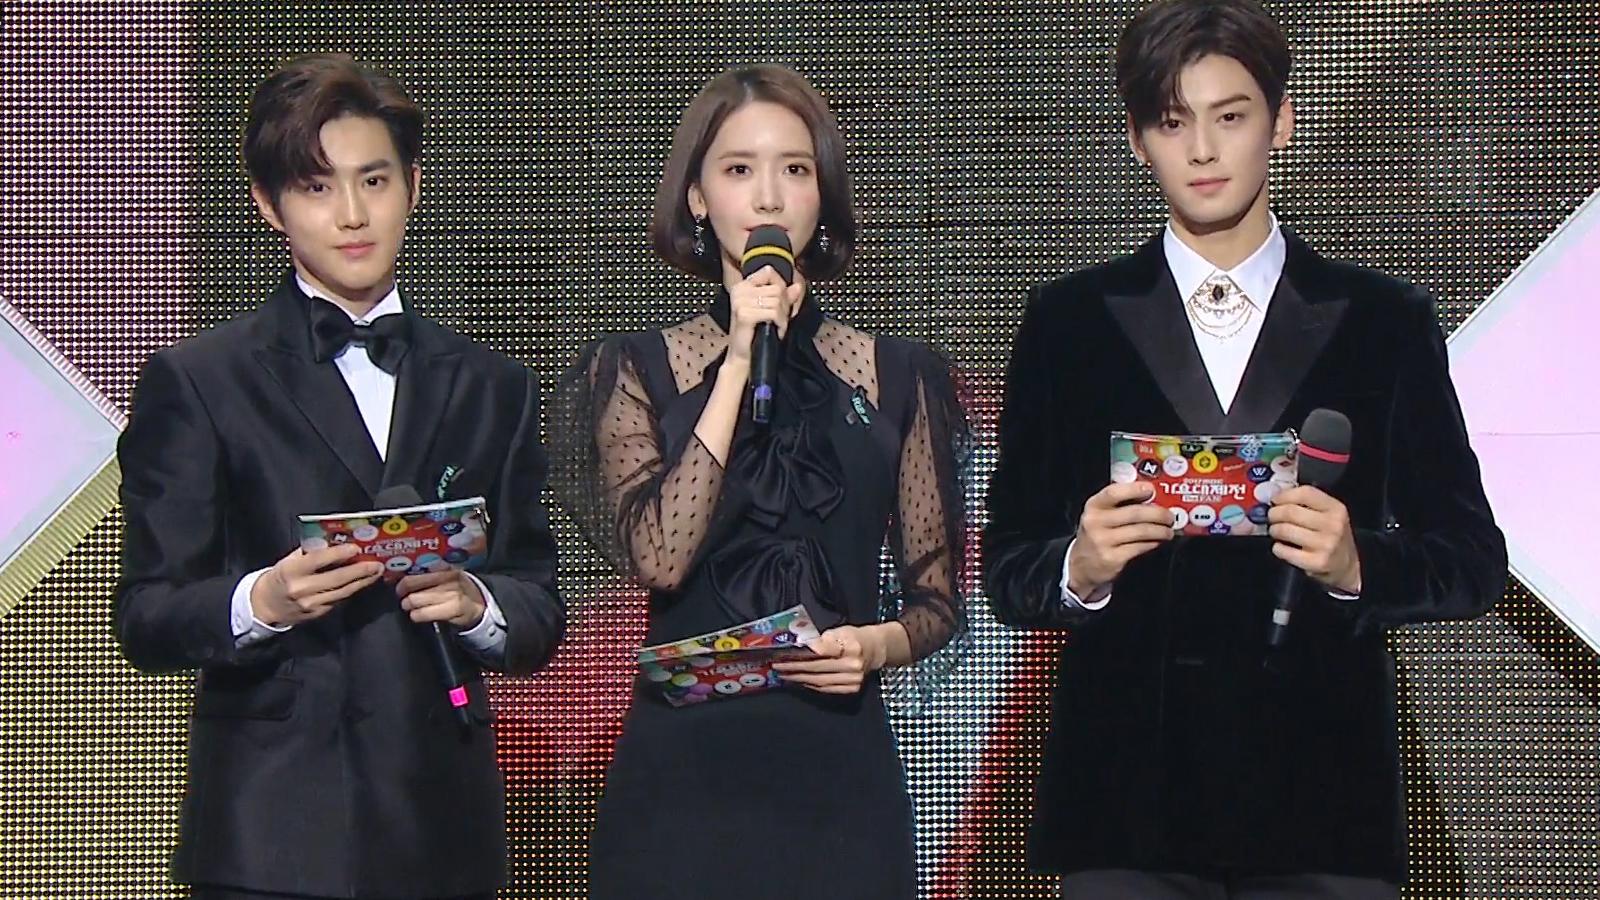 Festival de Música MBC 2017 Episódio 1